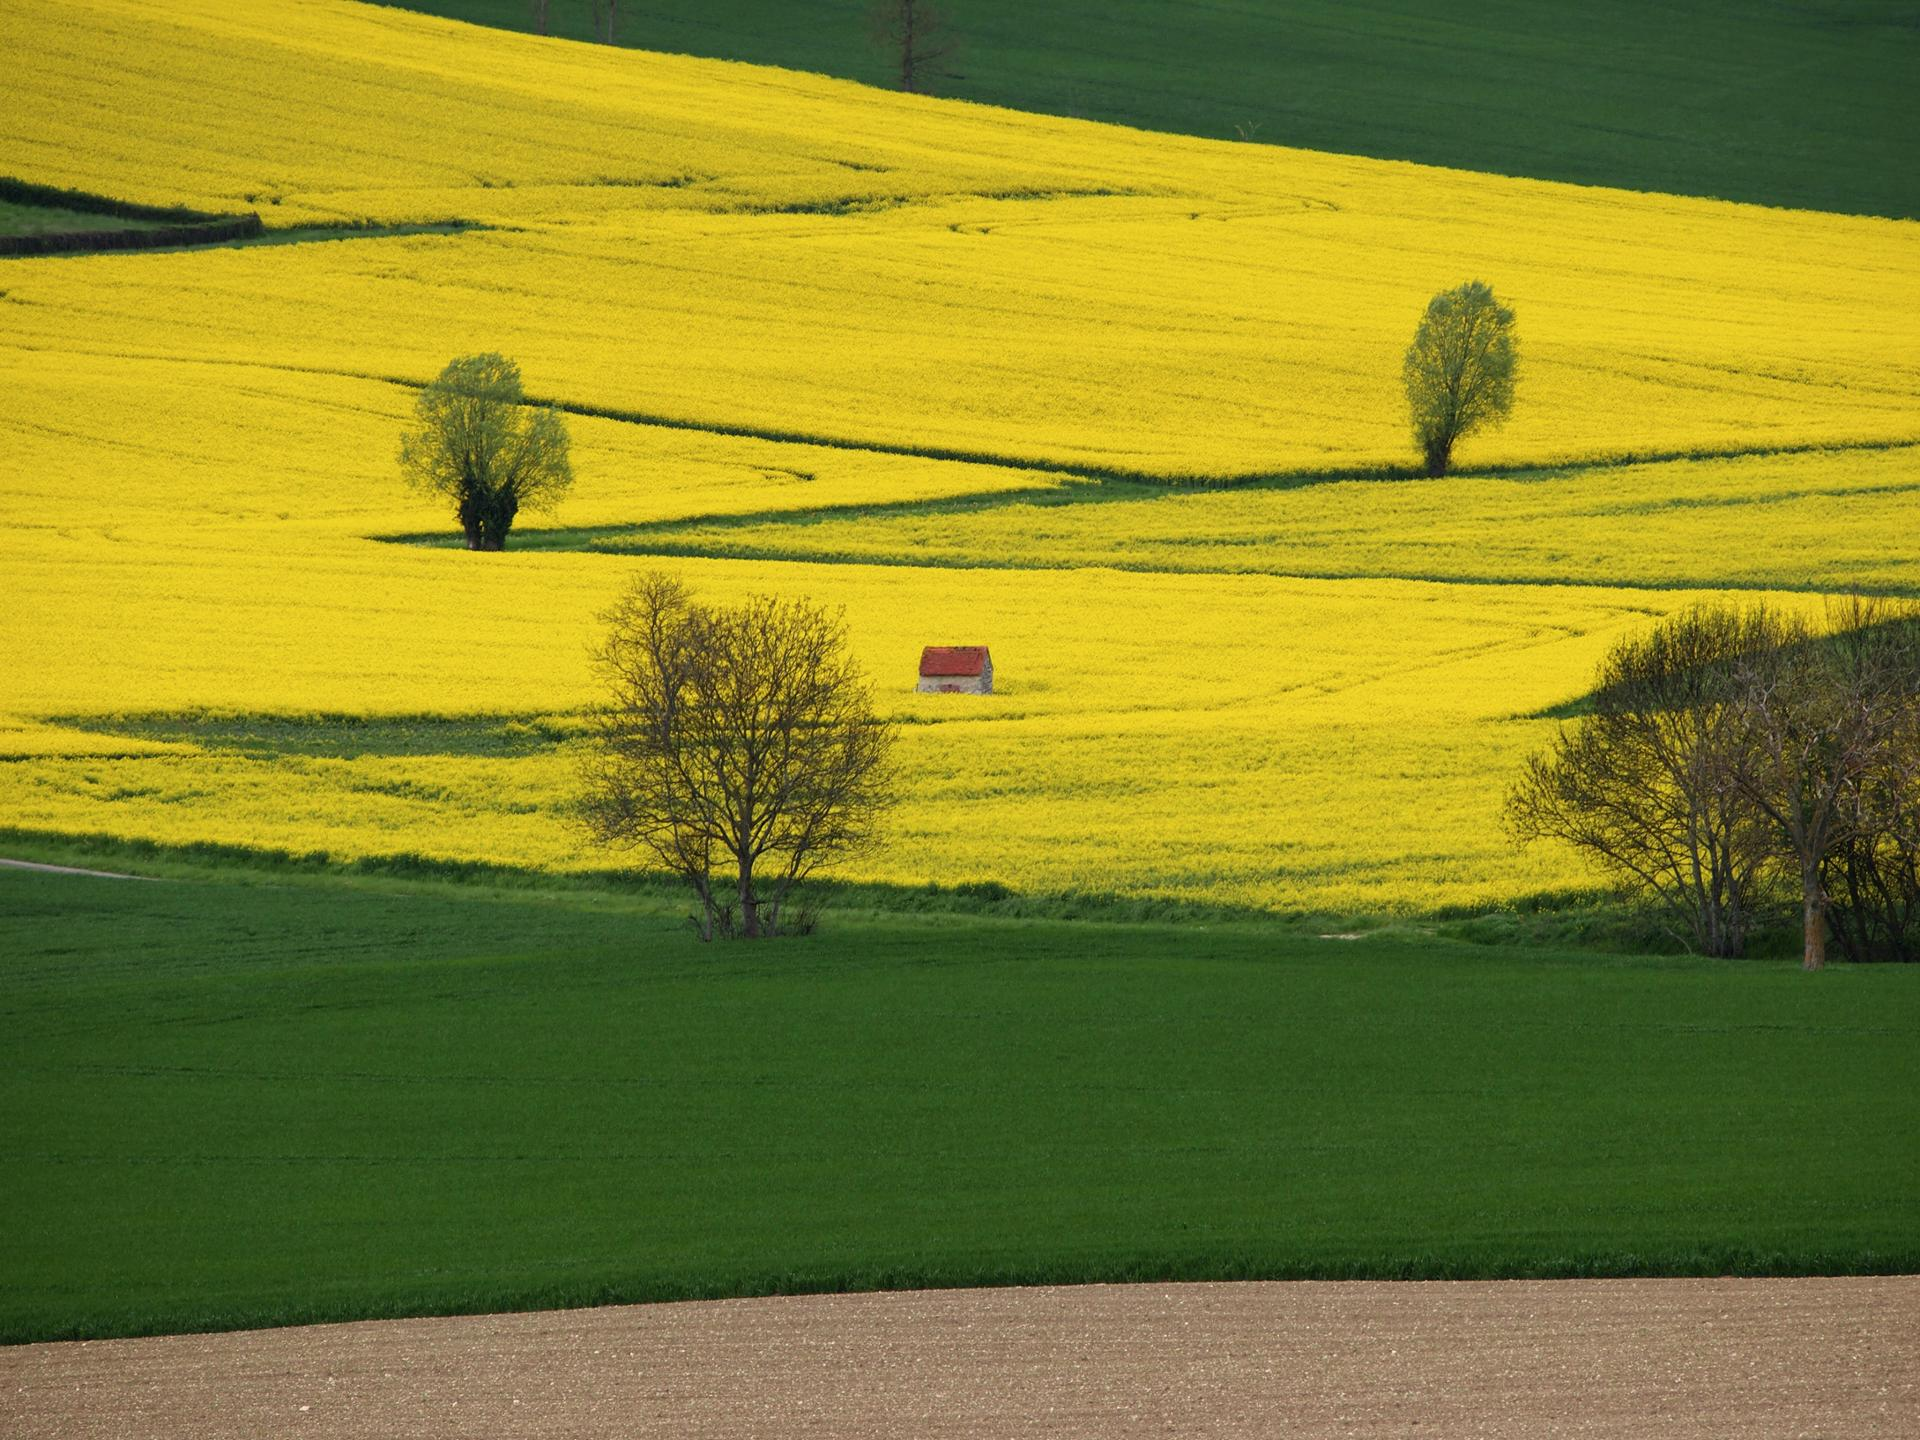 La petite maison dans un champ jaune.